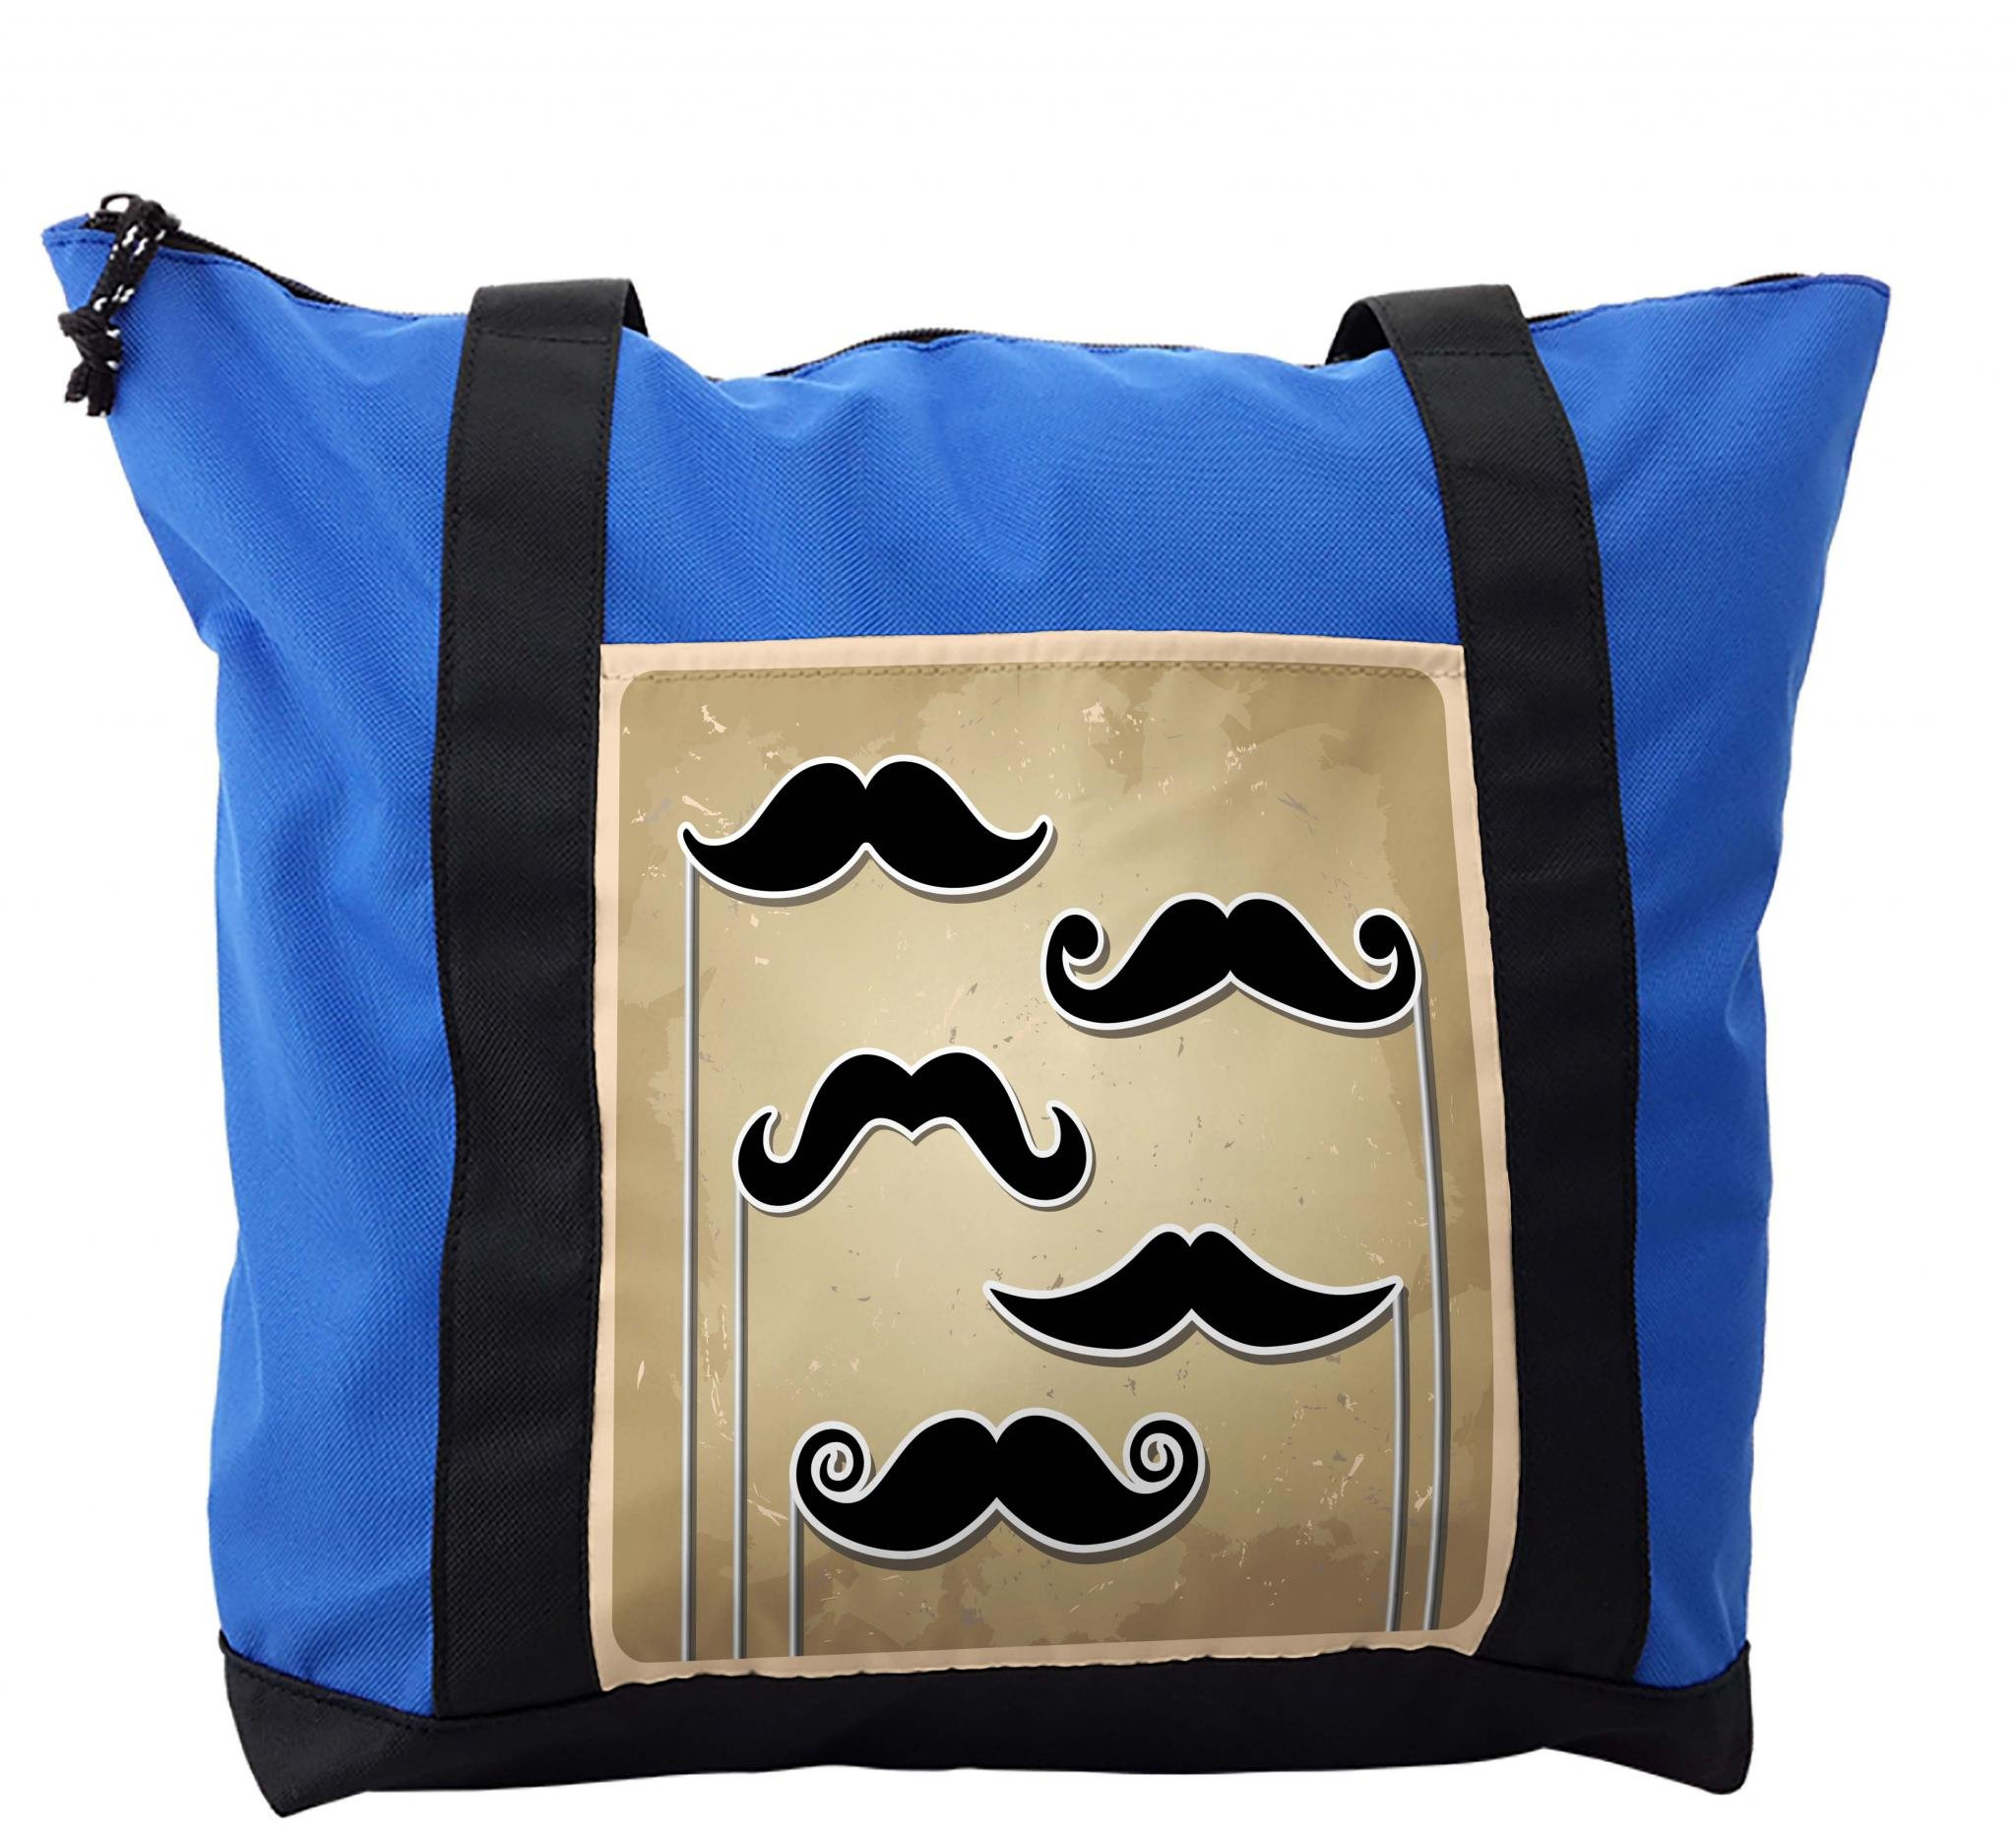 Lunarable Mustache Shoulder Bag, Stick Man Shapes Retro, Durable with Zipper